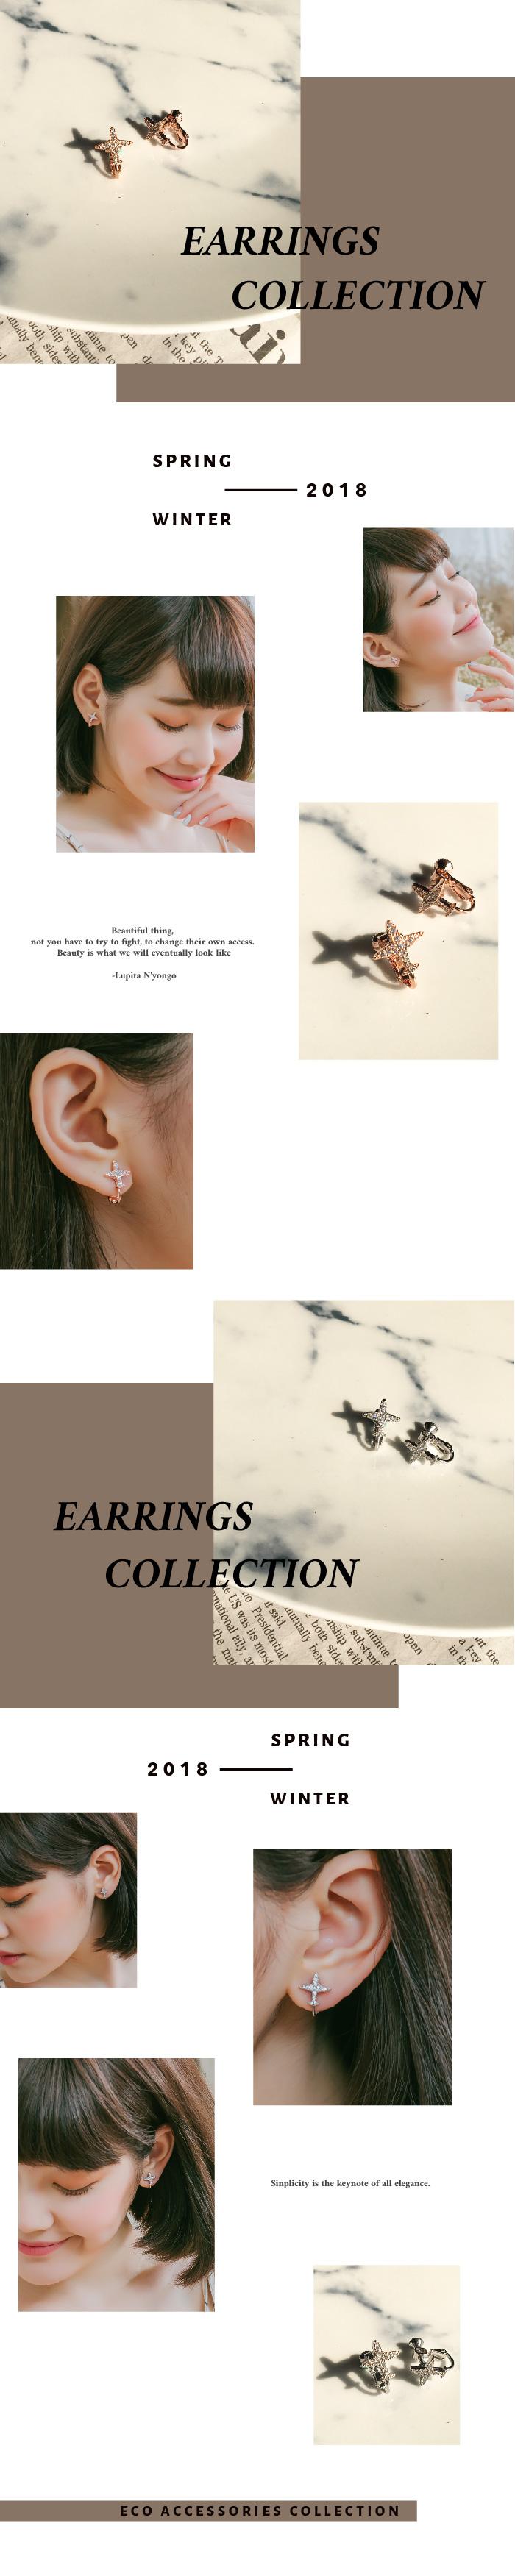 夾式耳環,耳夾式耳環,飛機耳環,無耳洞耳環,正韓飾品,韓貨耳環